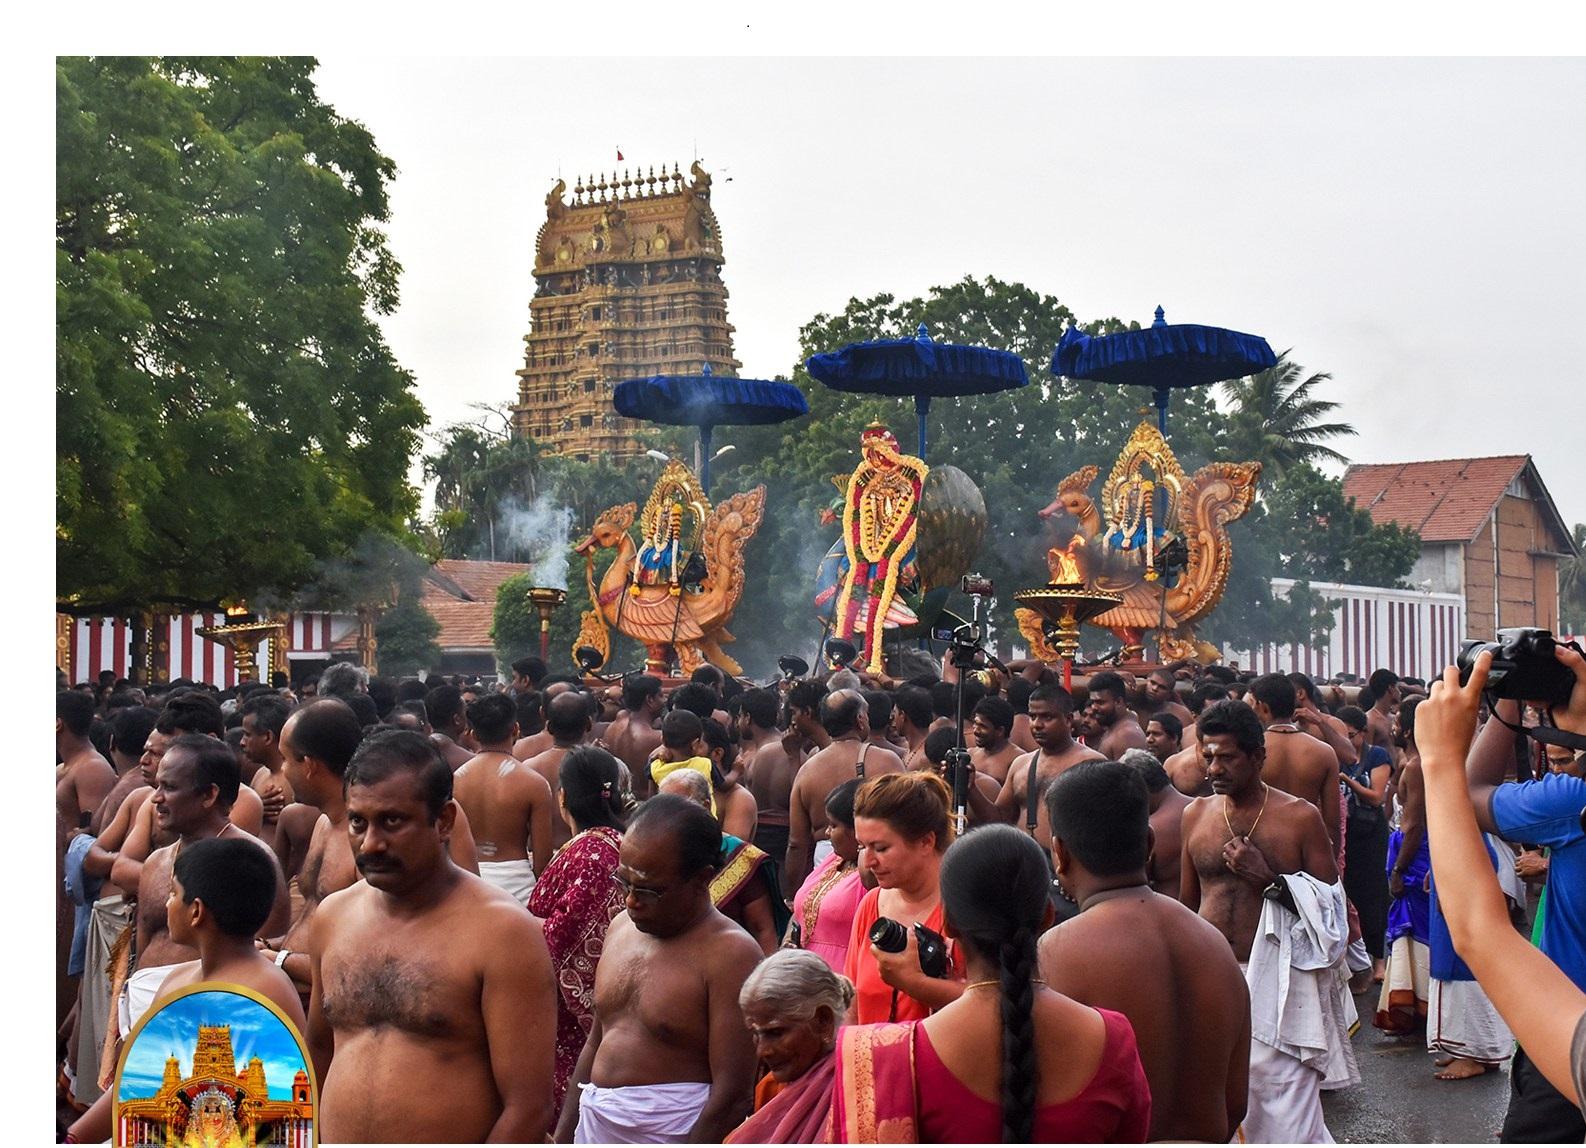 நல்லூர் கந்தசுவாமி கோவில் 11ம் திருவிழா – 07.08.2017